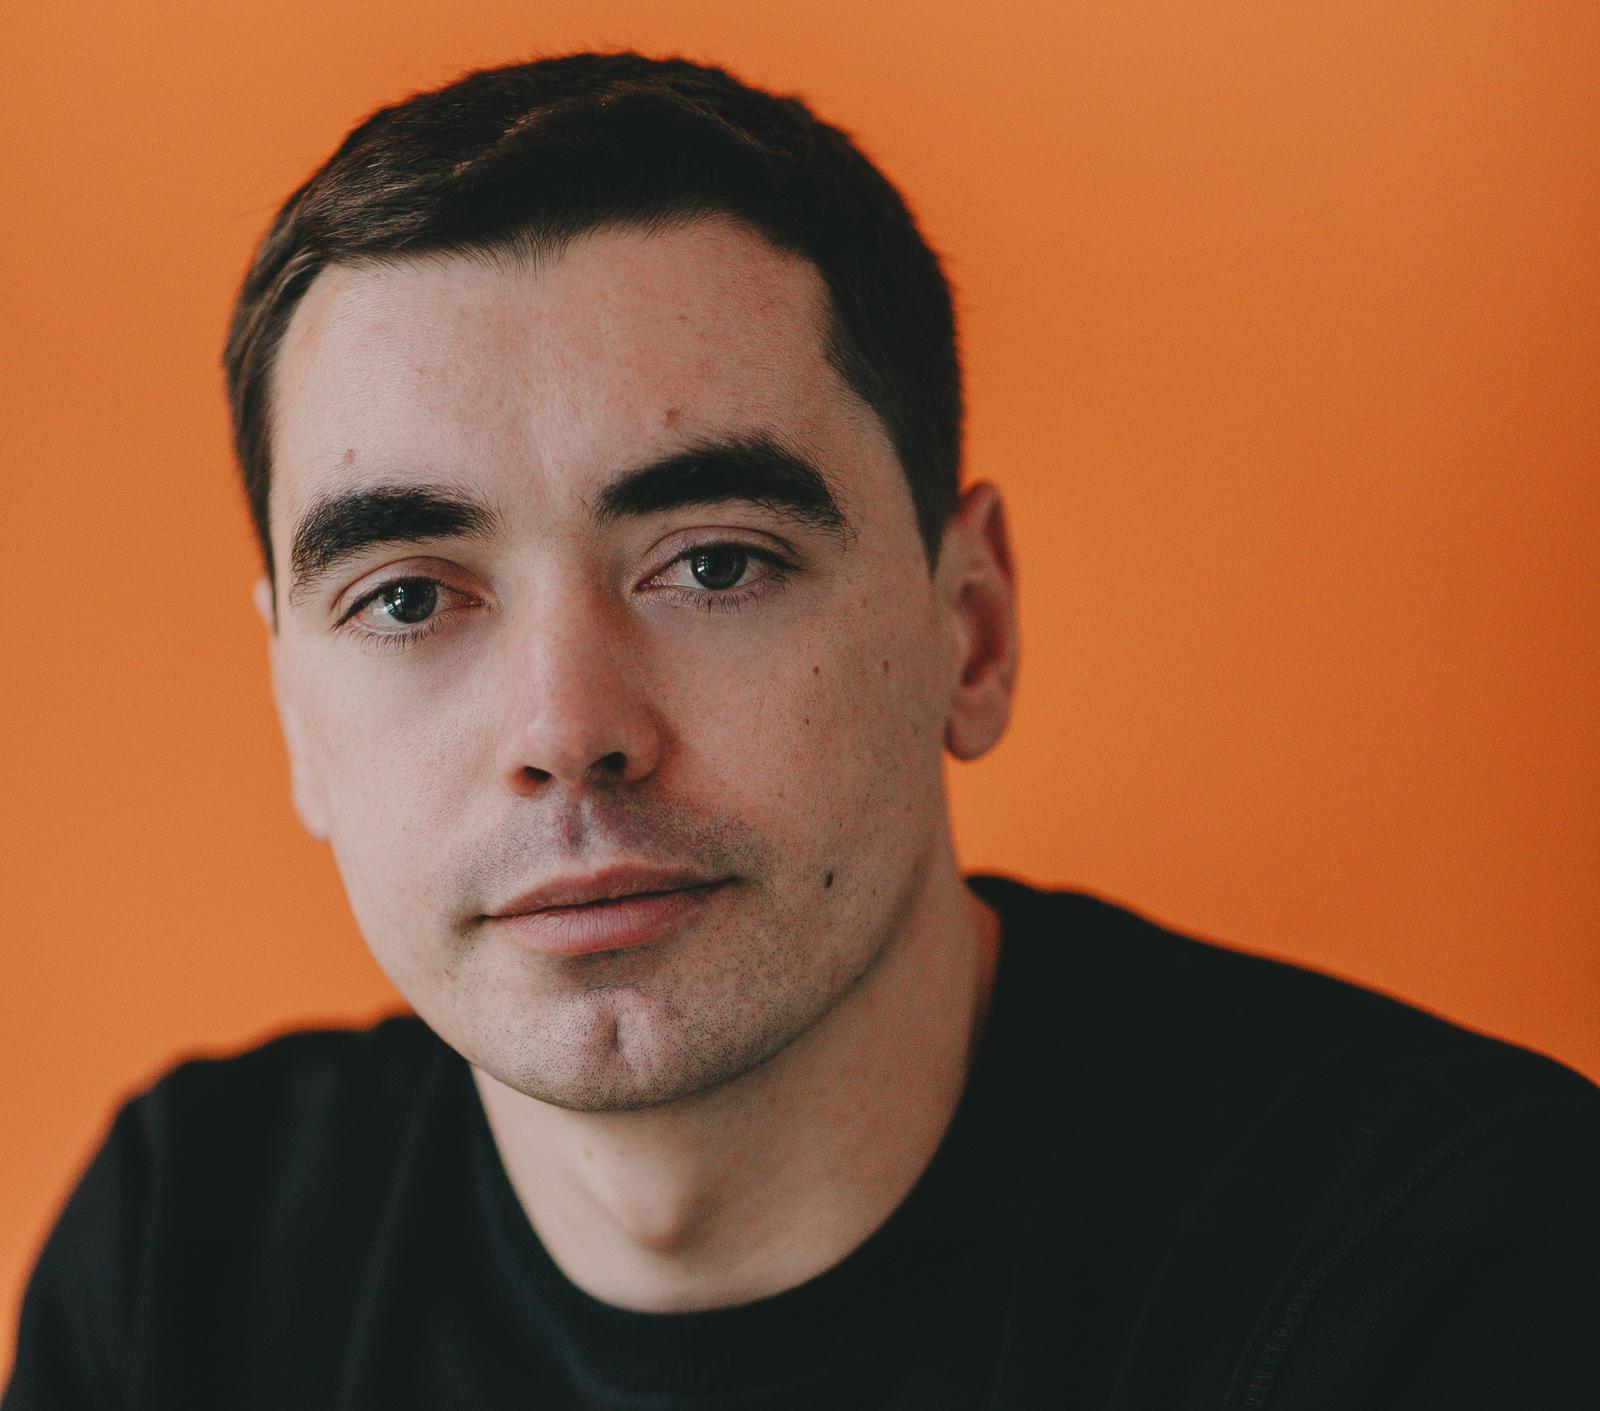 Дмитрий Доскевич, владелец и главный исполнительный директор компании по установке солнечных станций «Генерация», 31 год